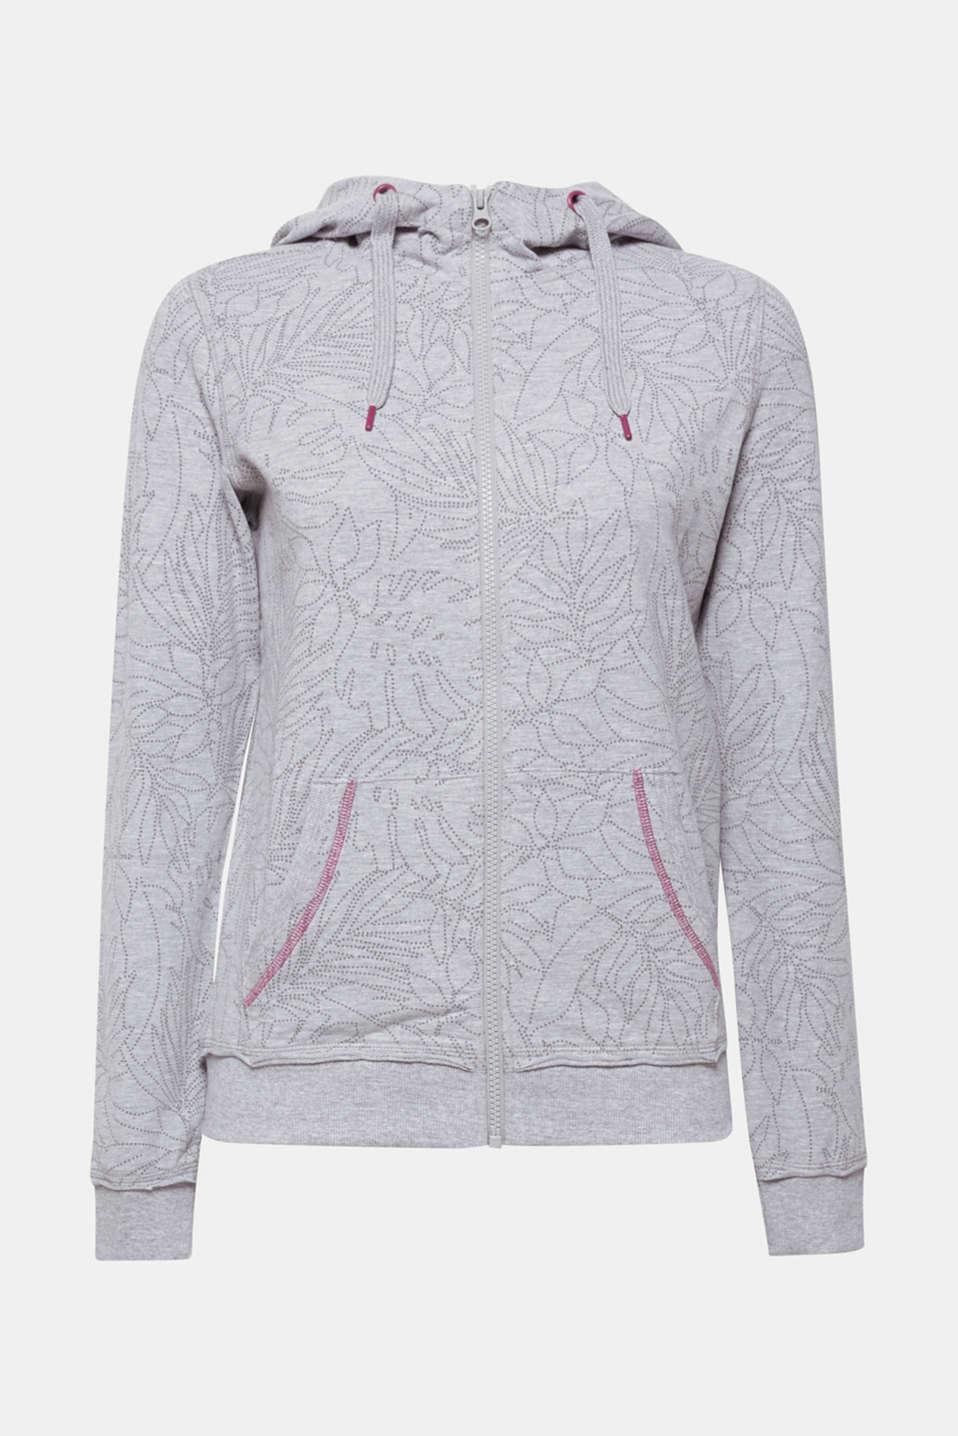 Sweatshirts cardigan, LIGHT GUNMETAL 2, detail image number 6